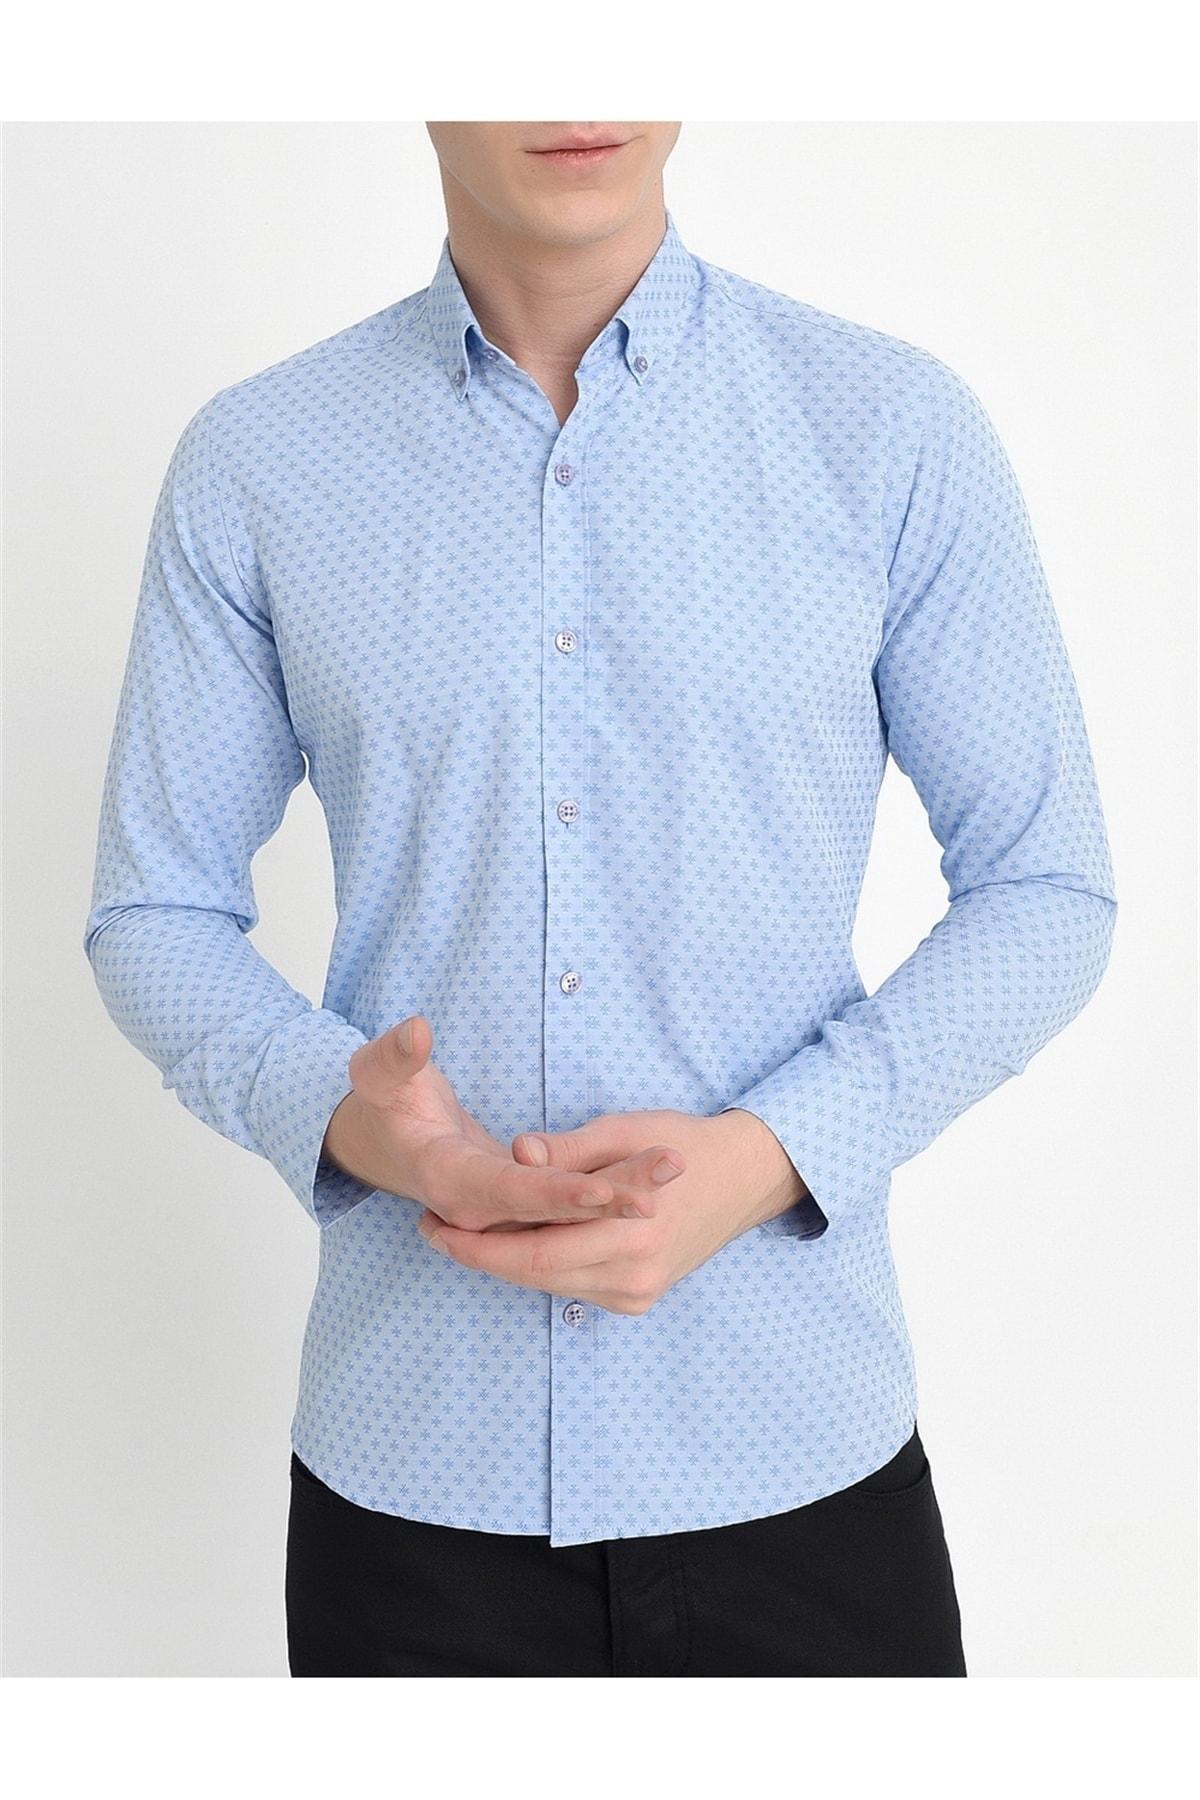 Efor Gk 559 Slim Fit Mavi Klasik Gömlek 1